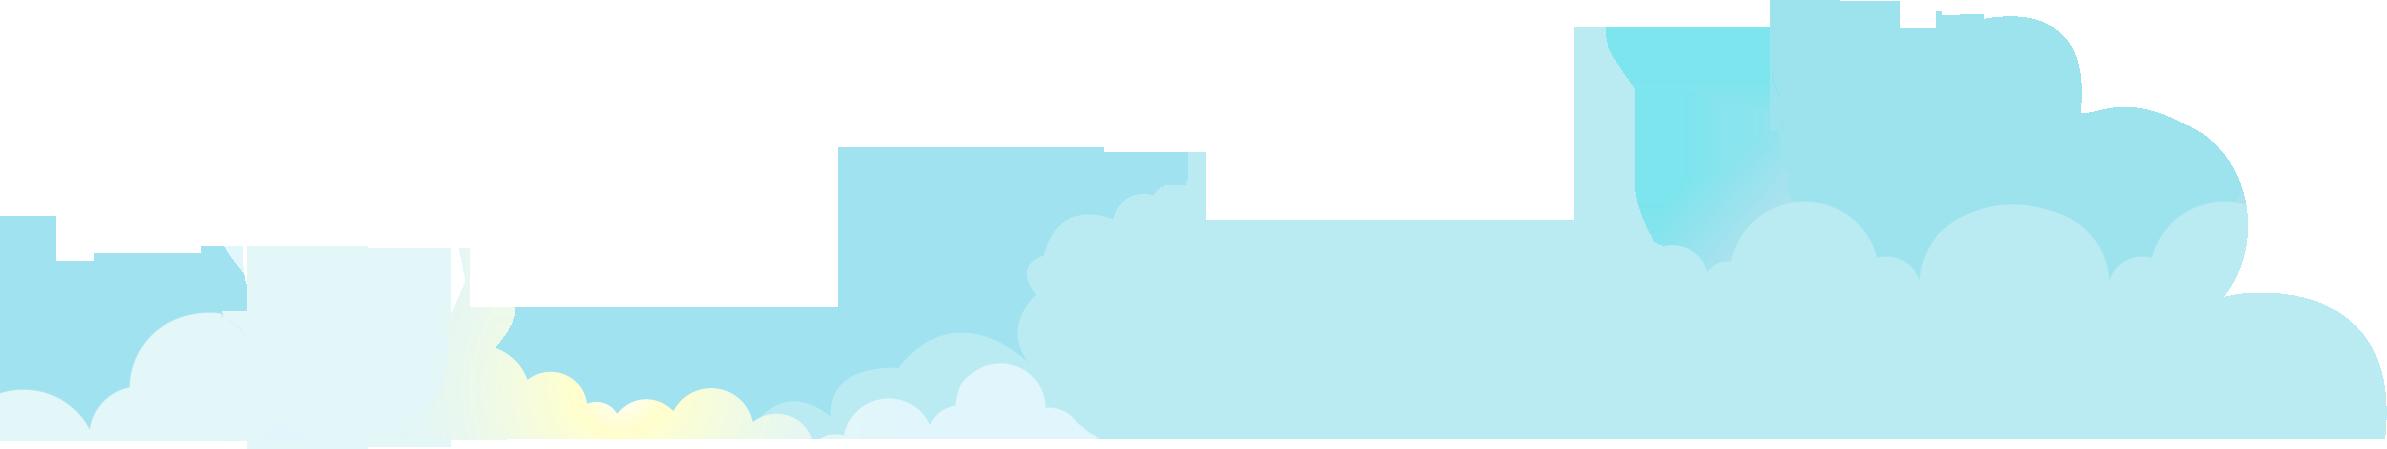 sky 1 4 - sky